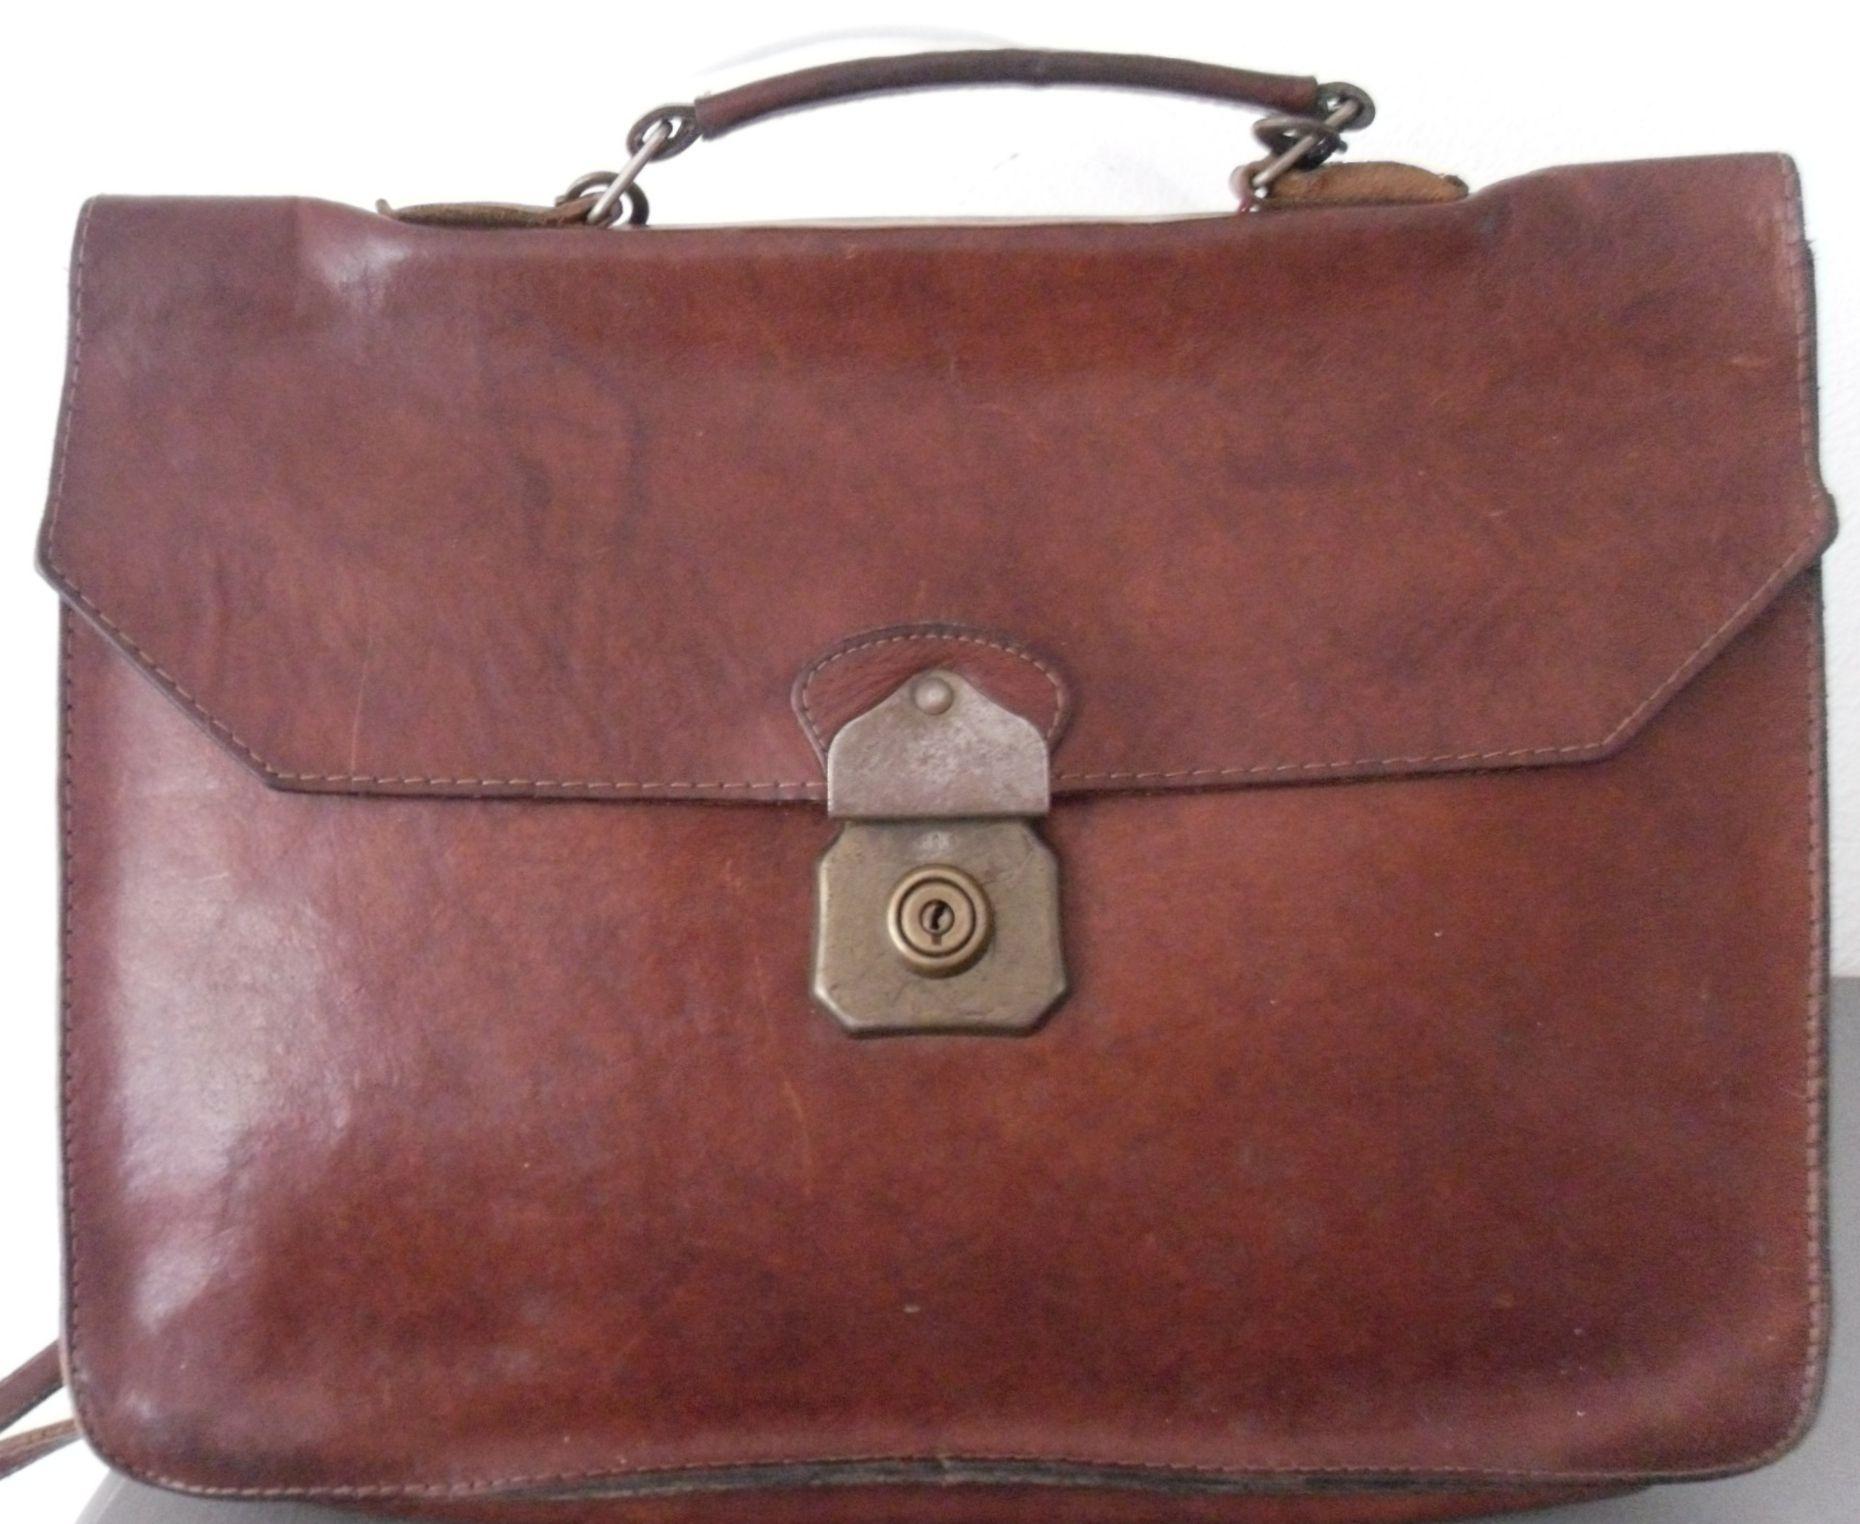 817bed15ebf Pin van Morethanvintage op Vintage bags - Bags, Vintage bags en Vintage